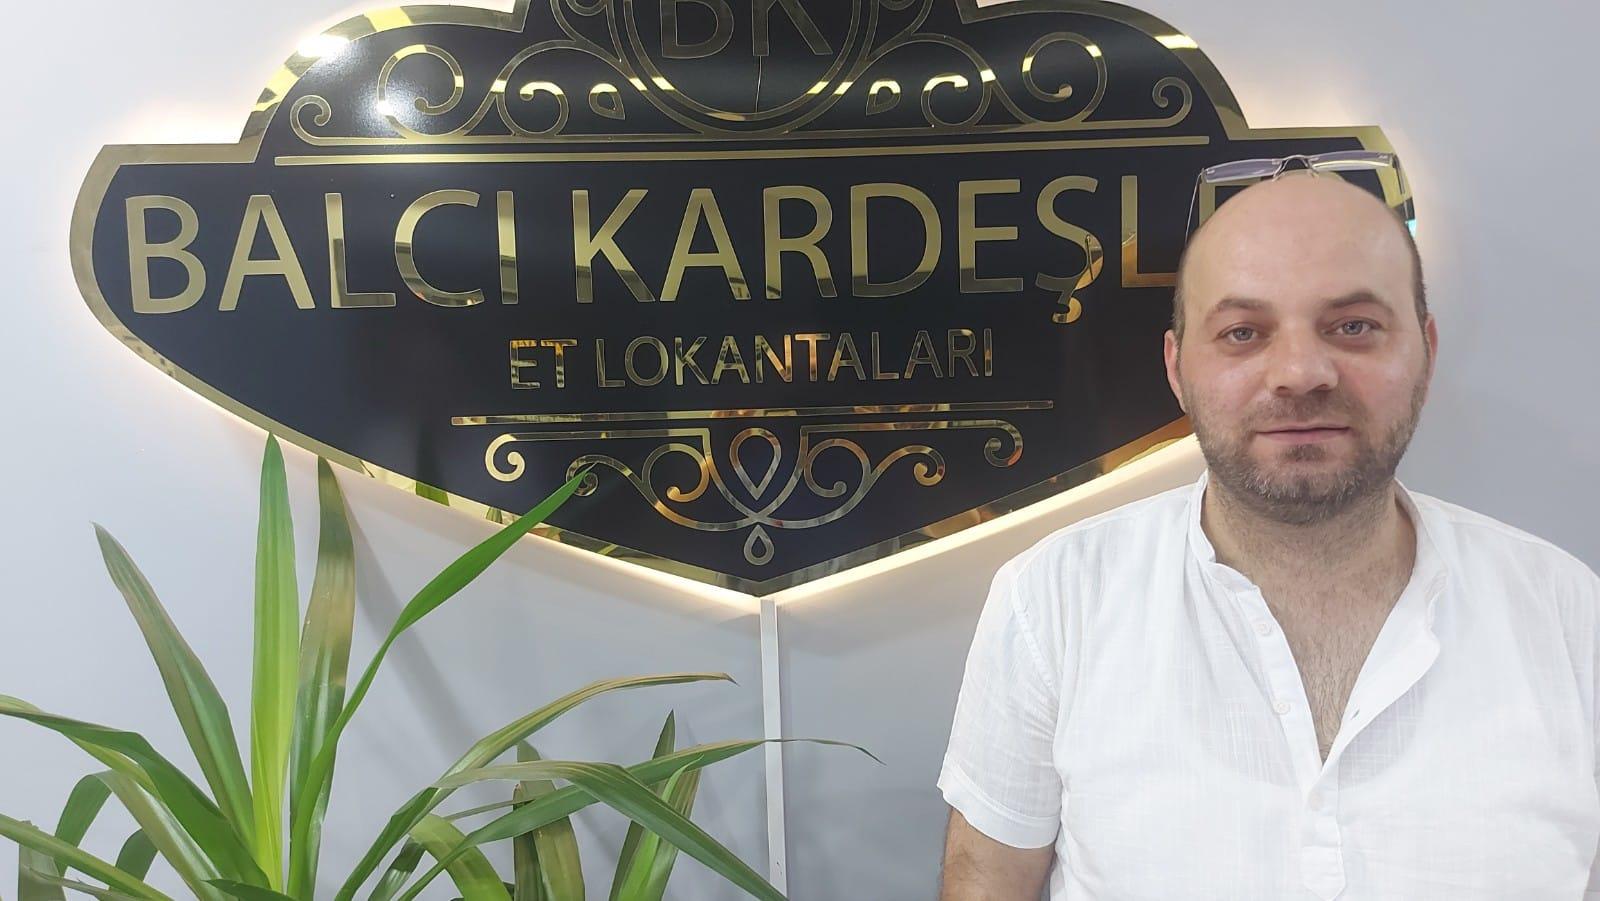 Güngören restaurantlar ve Lokantacılar Derneği için Yunus Balcı BİSMİLLAH dedi.